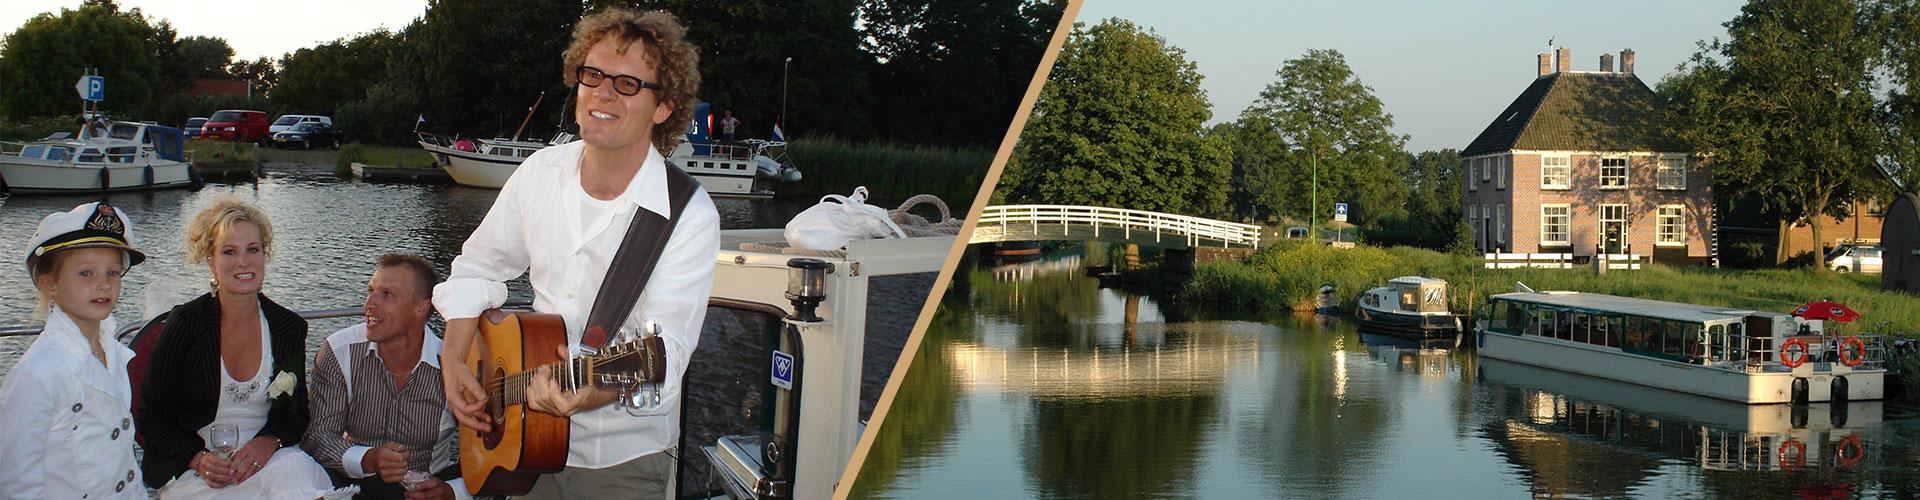 Dagje rondom Niedorp | Partyboot De Koperen Hoorn